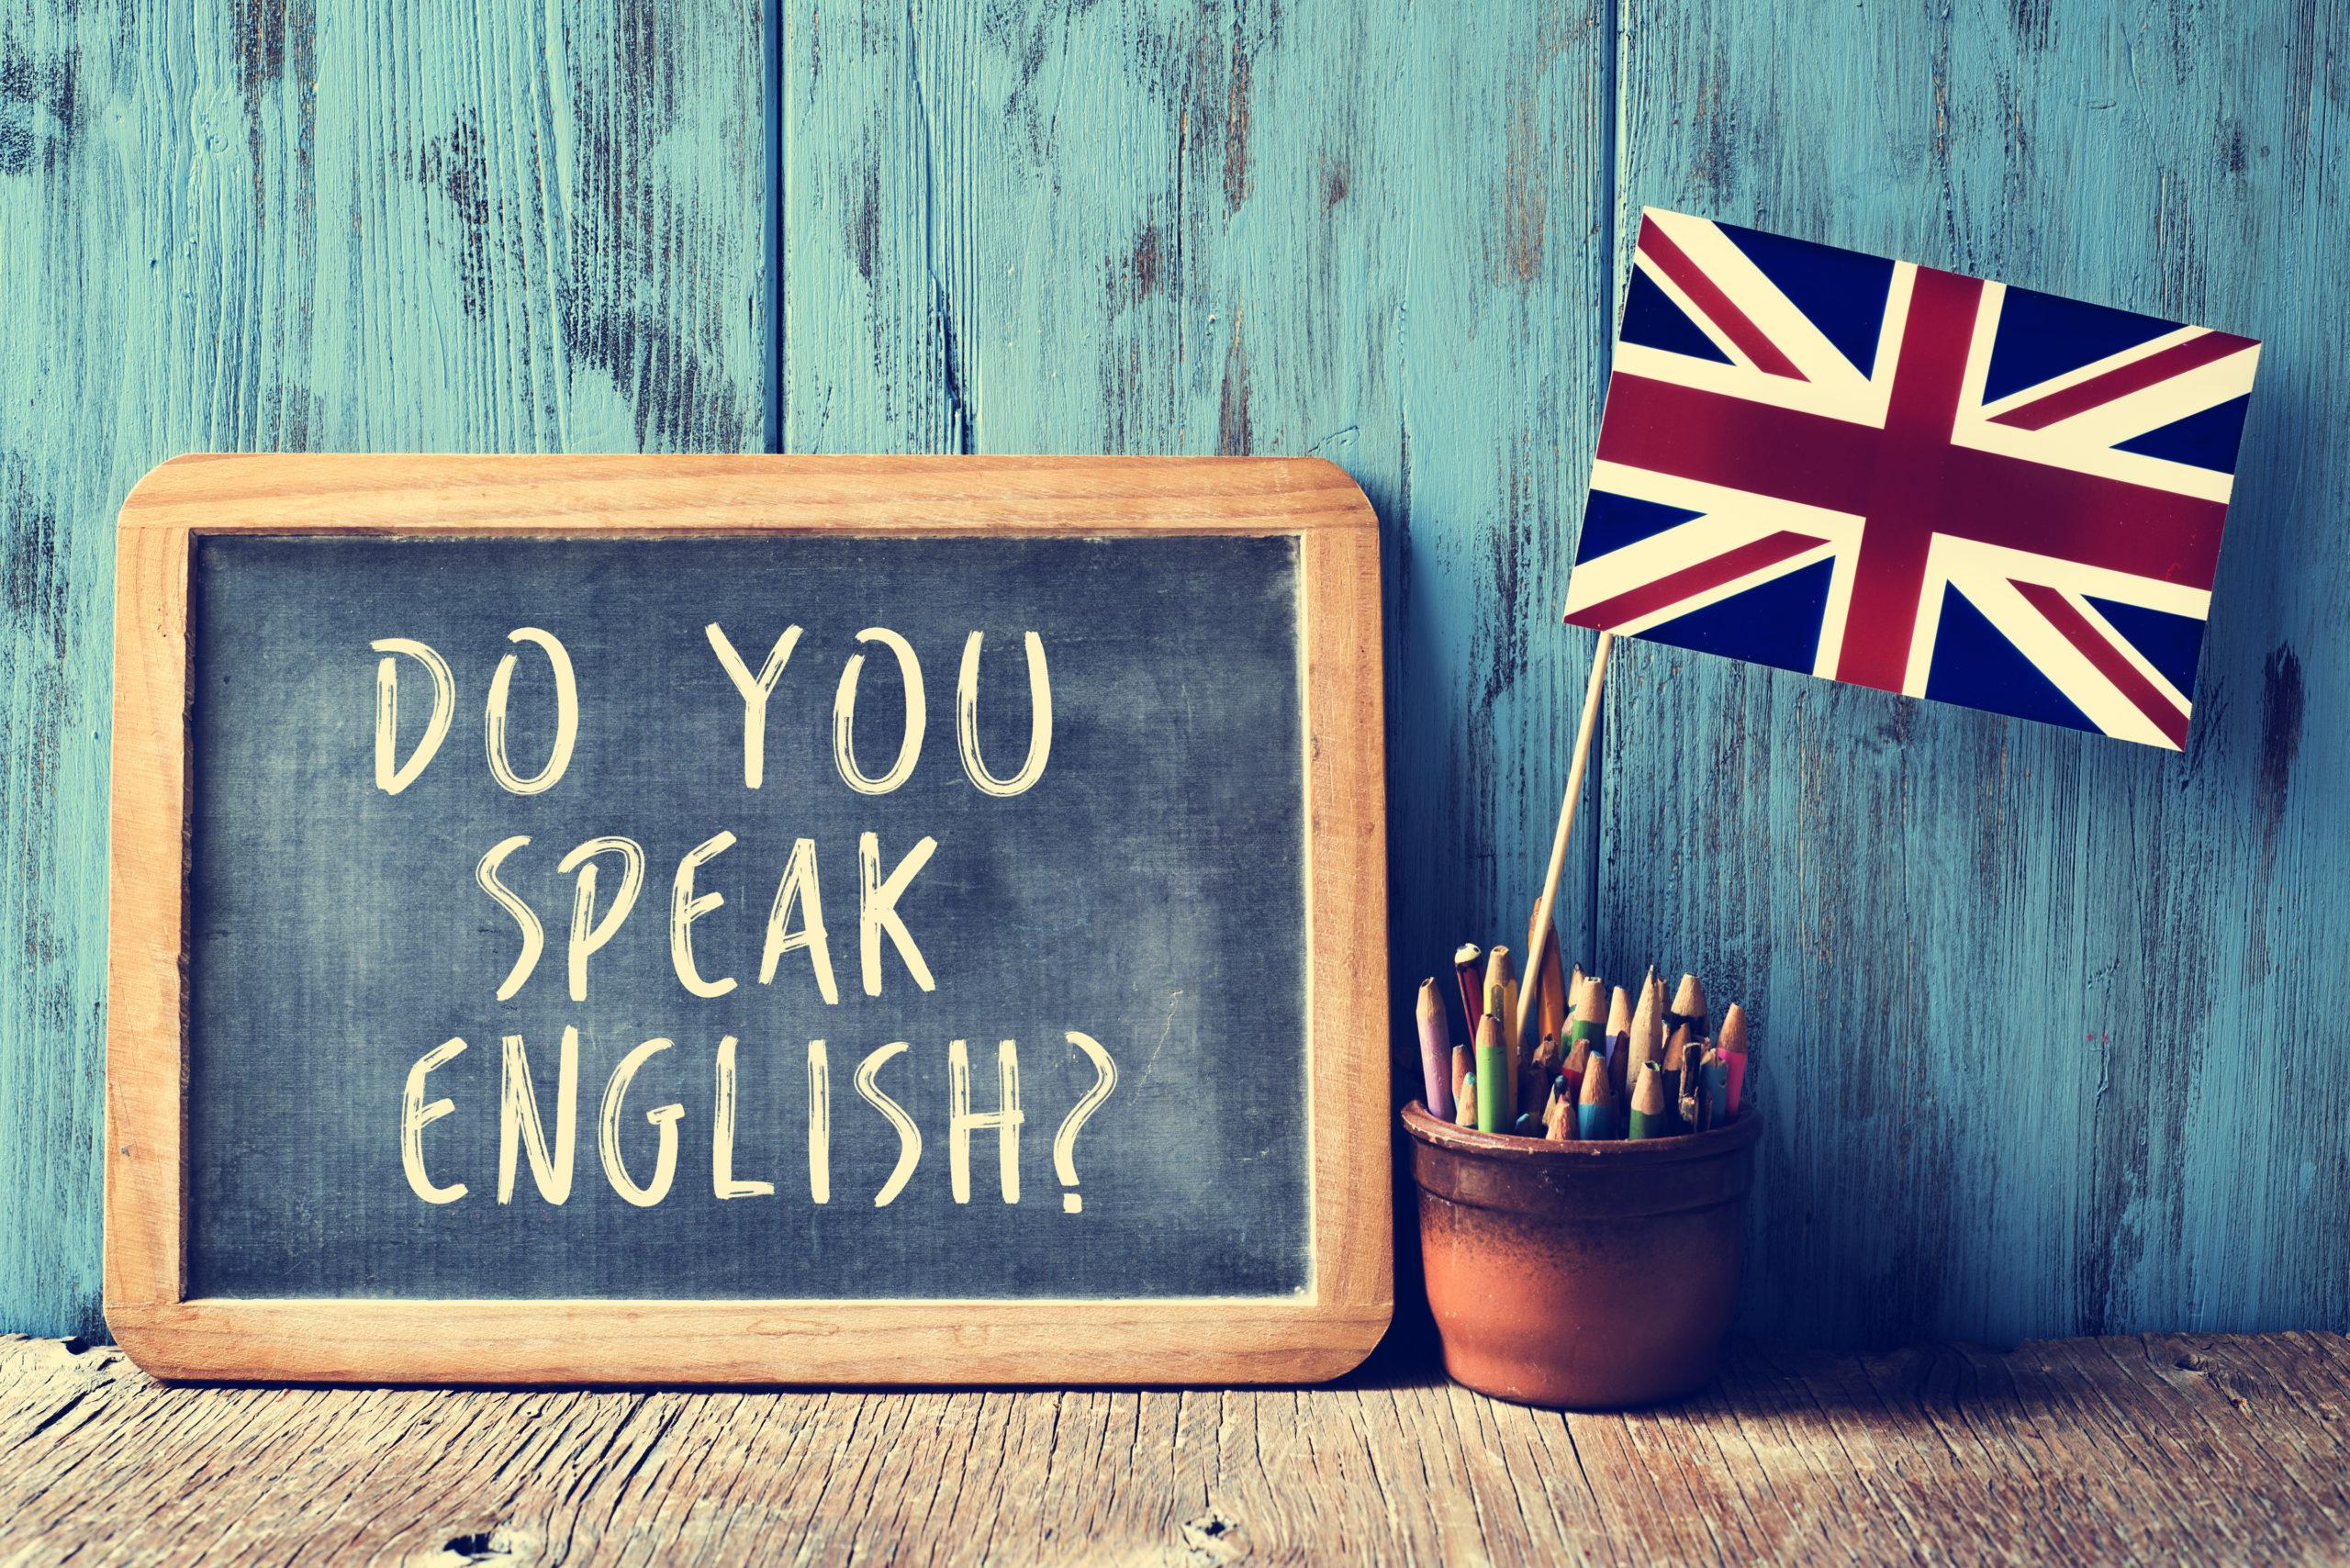 中級B1 英文法・英会話コース(ケンブリッジ)バイリンガル講師